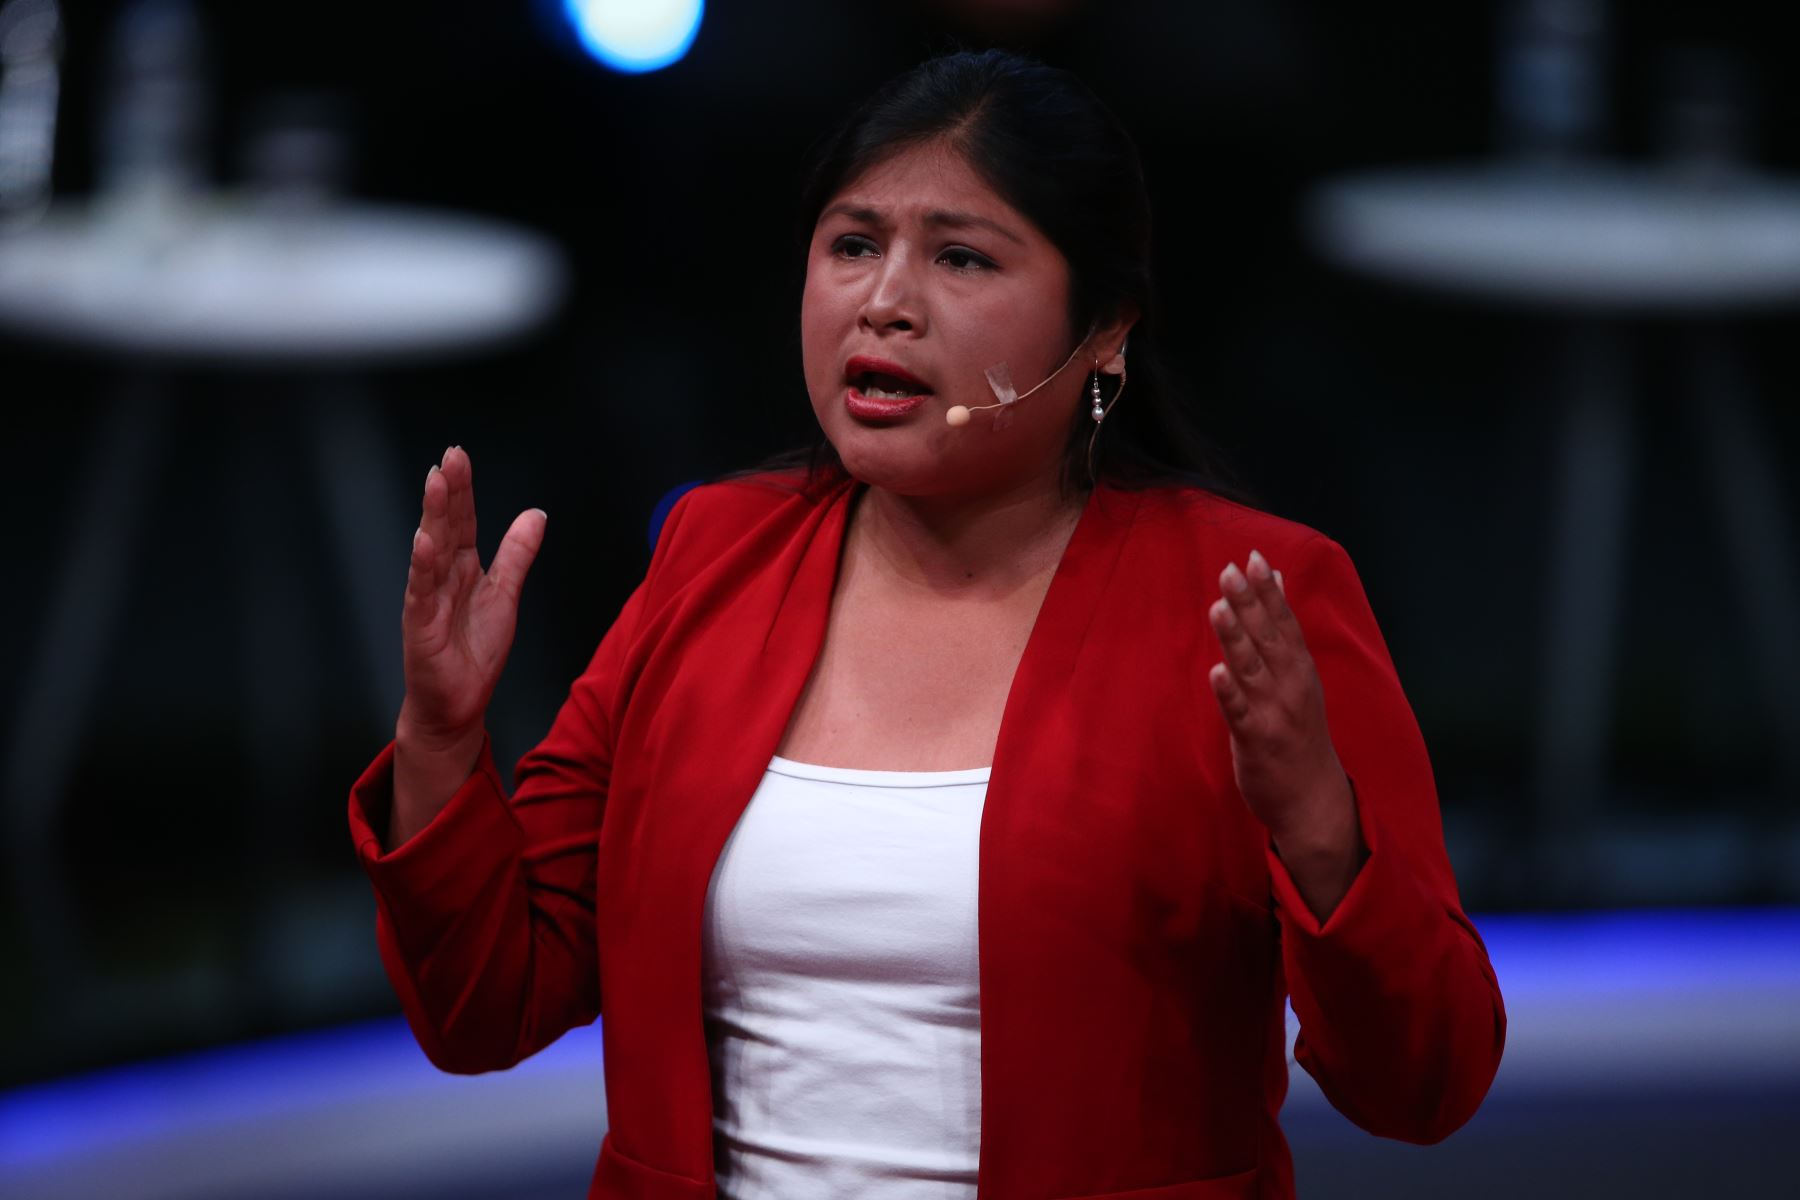 Cinthia Baquerizo candidata de Juntos por el Perú participa en debate. Foto: ANDINA/Tarqui Vidal